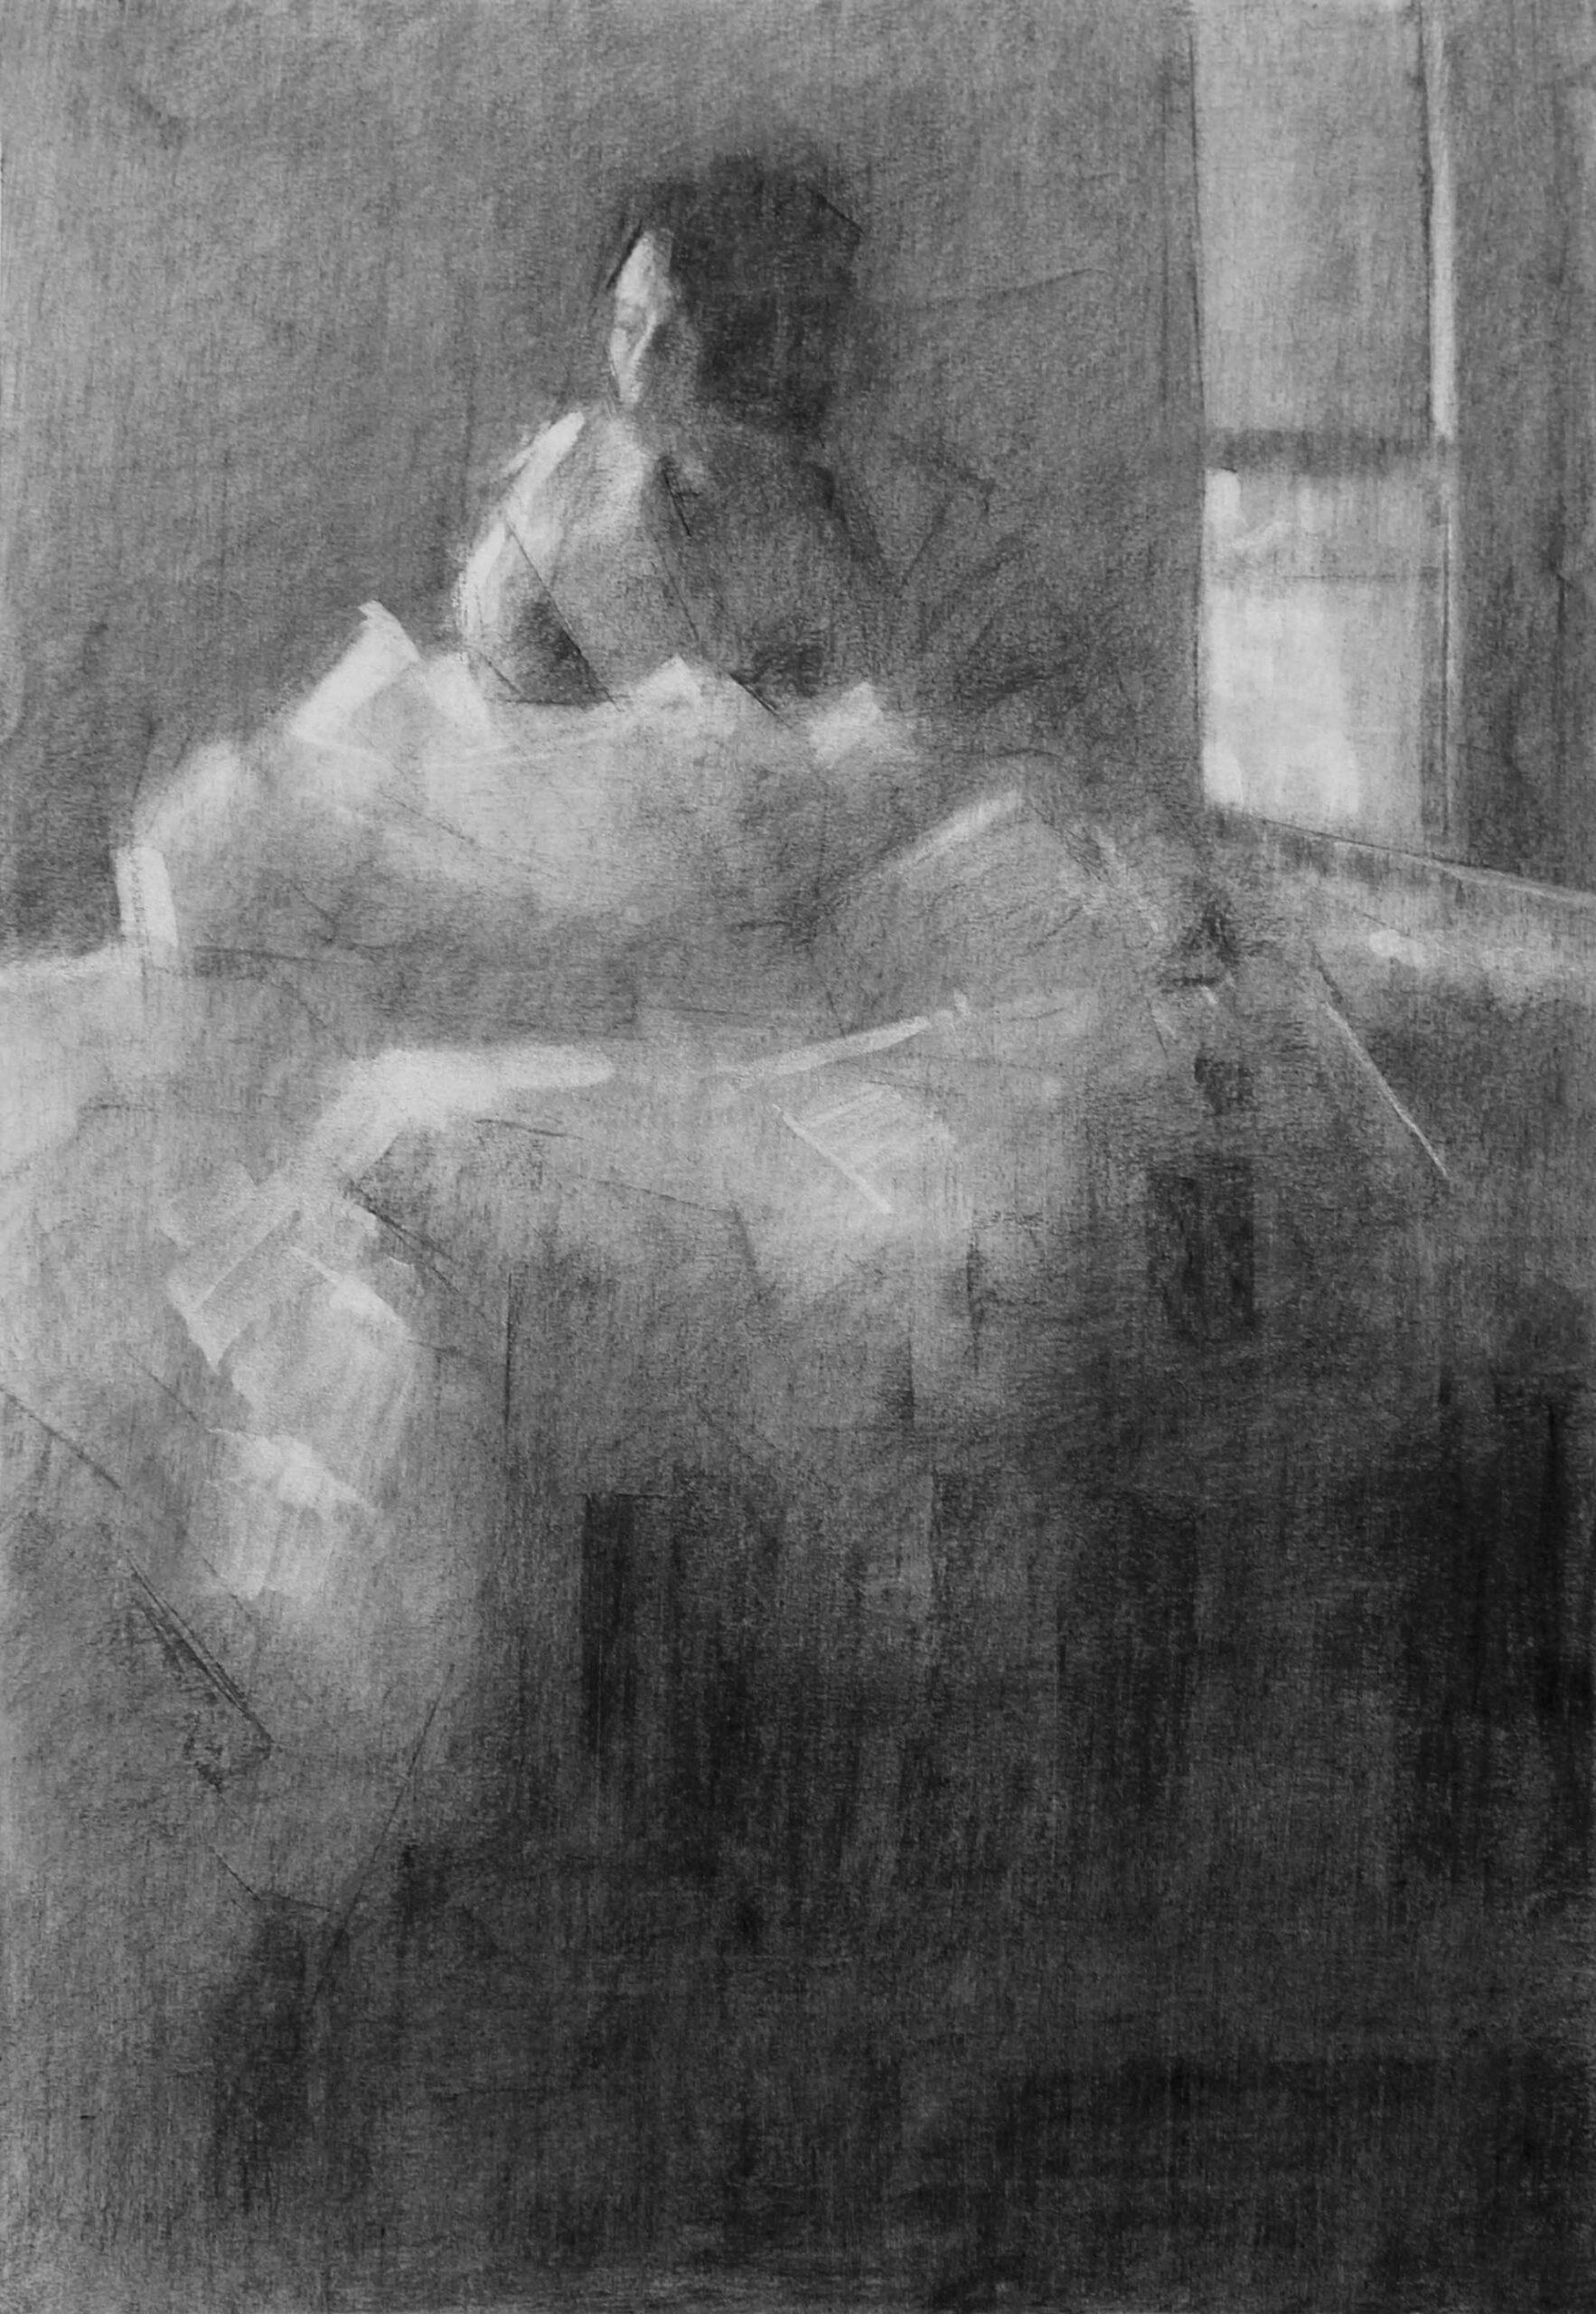 עותק-של-Tigist-Ron-Yoseph-HOME-Noa-2021-Charcoal-on-paper-70×50-cm